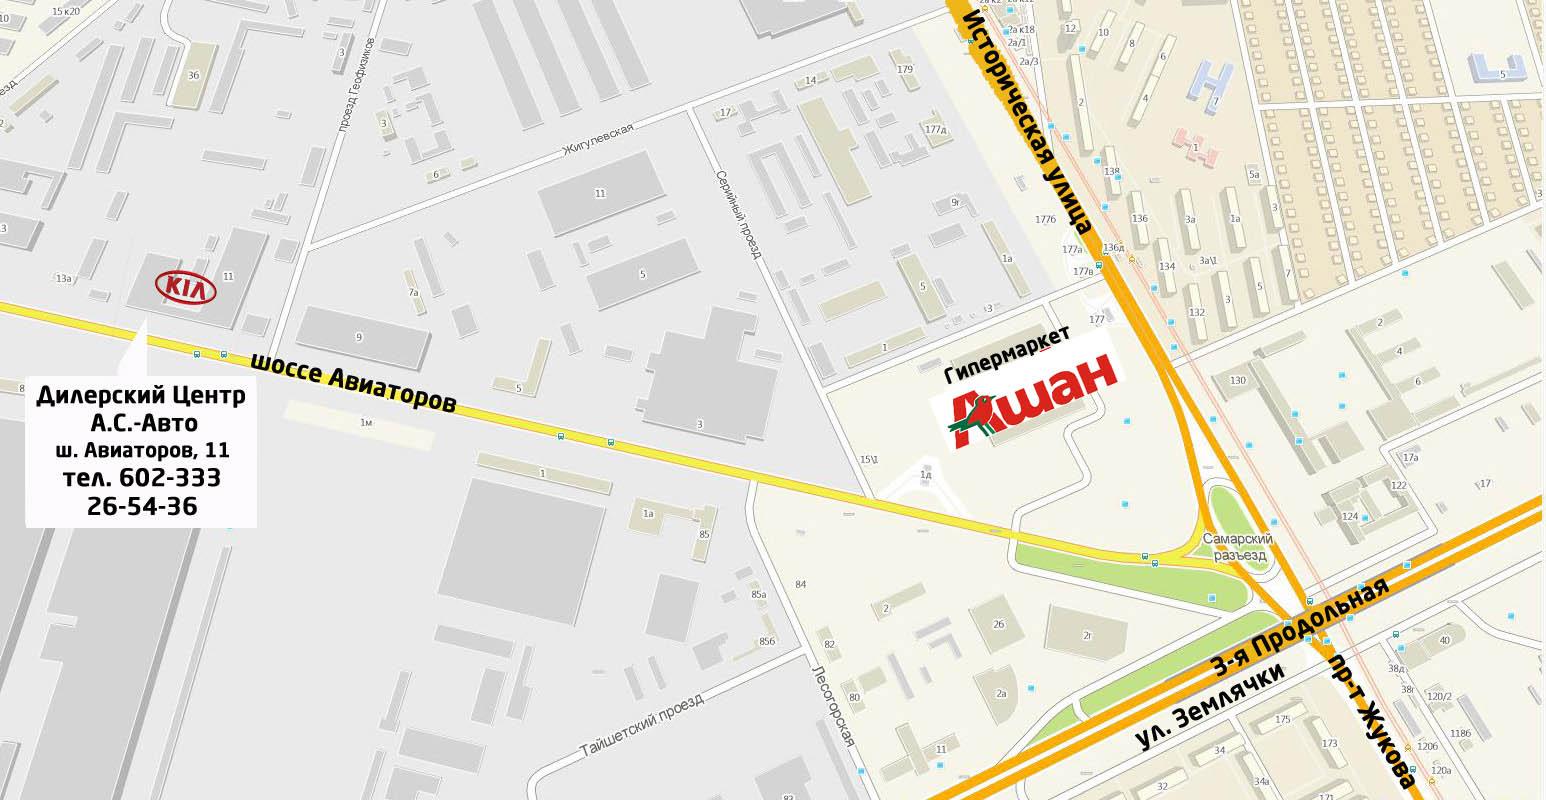 Карта проезда к дилеру А.С.-Авто